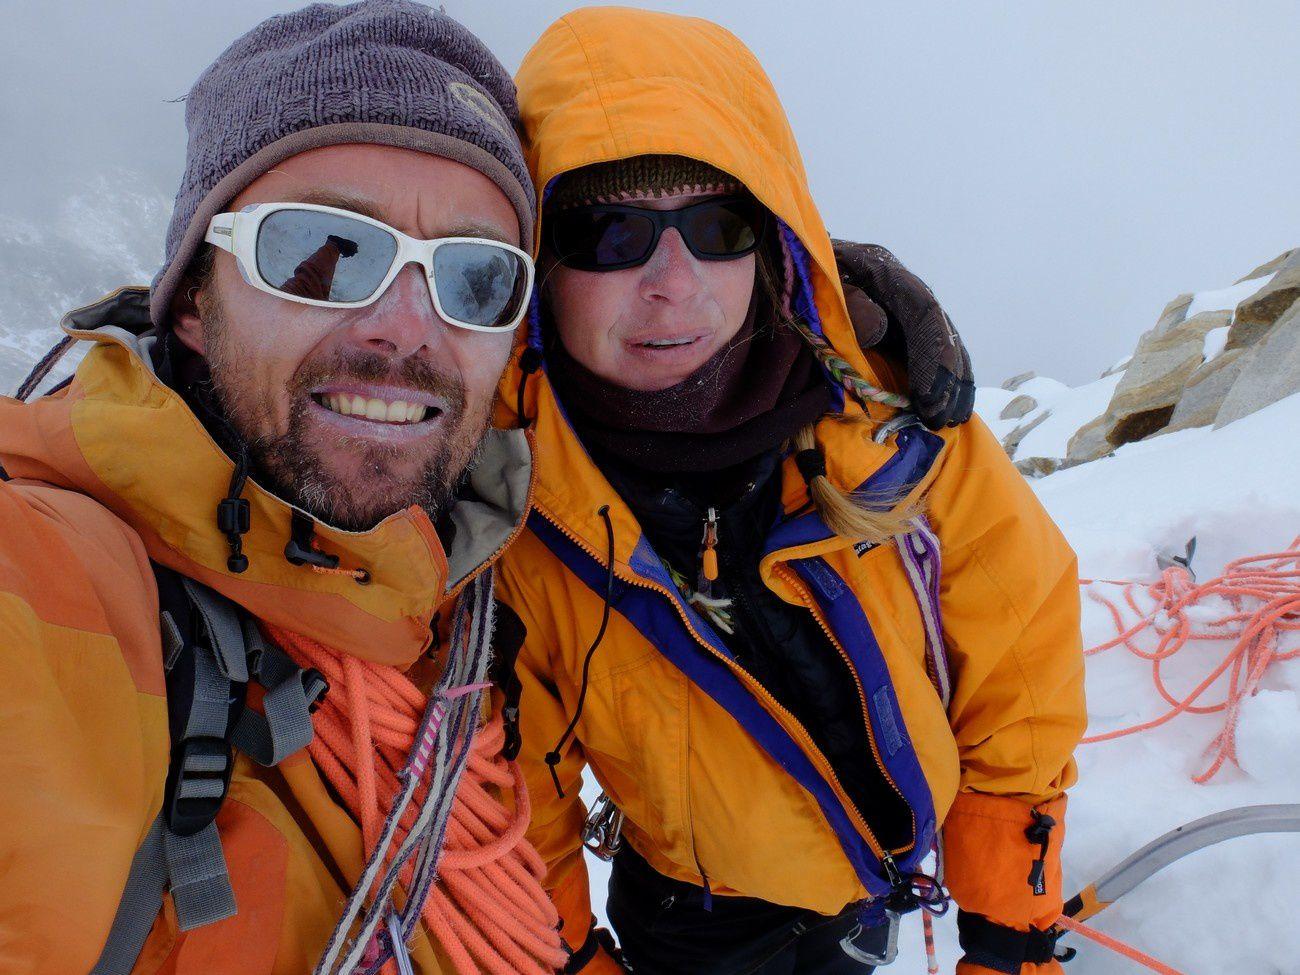 Summit de notre little Cheo Himal juste en dessous de 6000m : toujours une grande émotion d'arriver au bout de ses rêves.